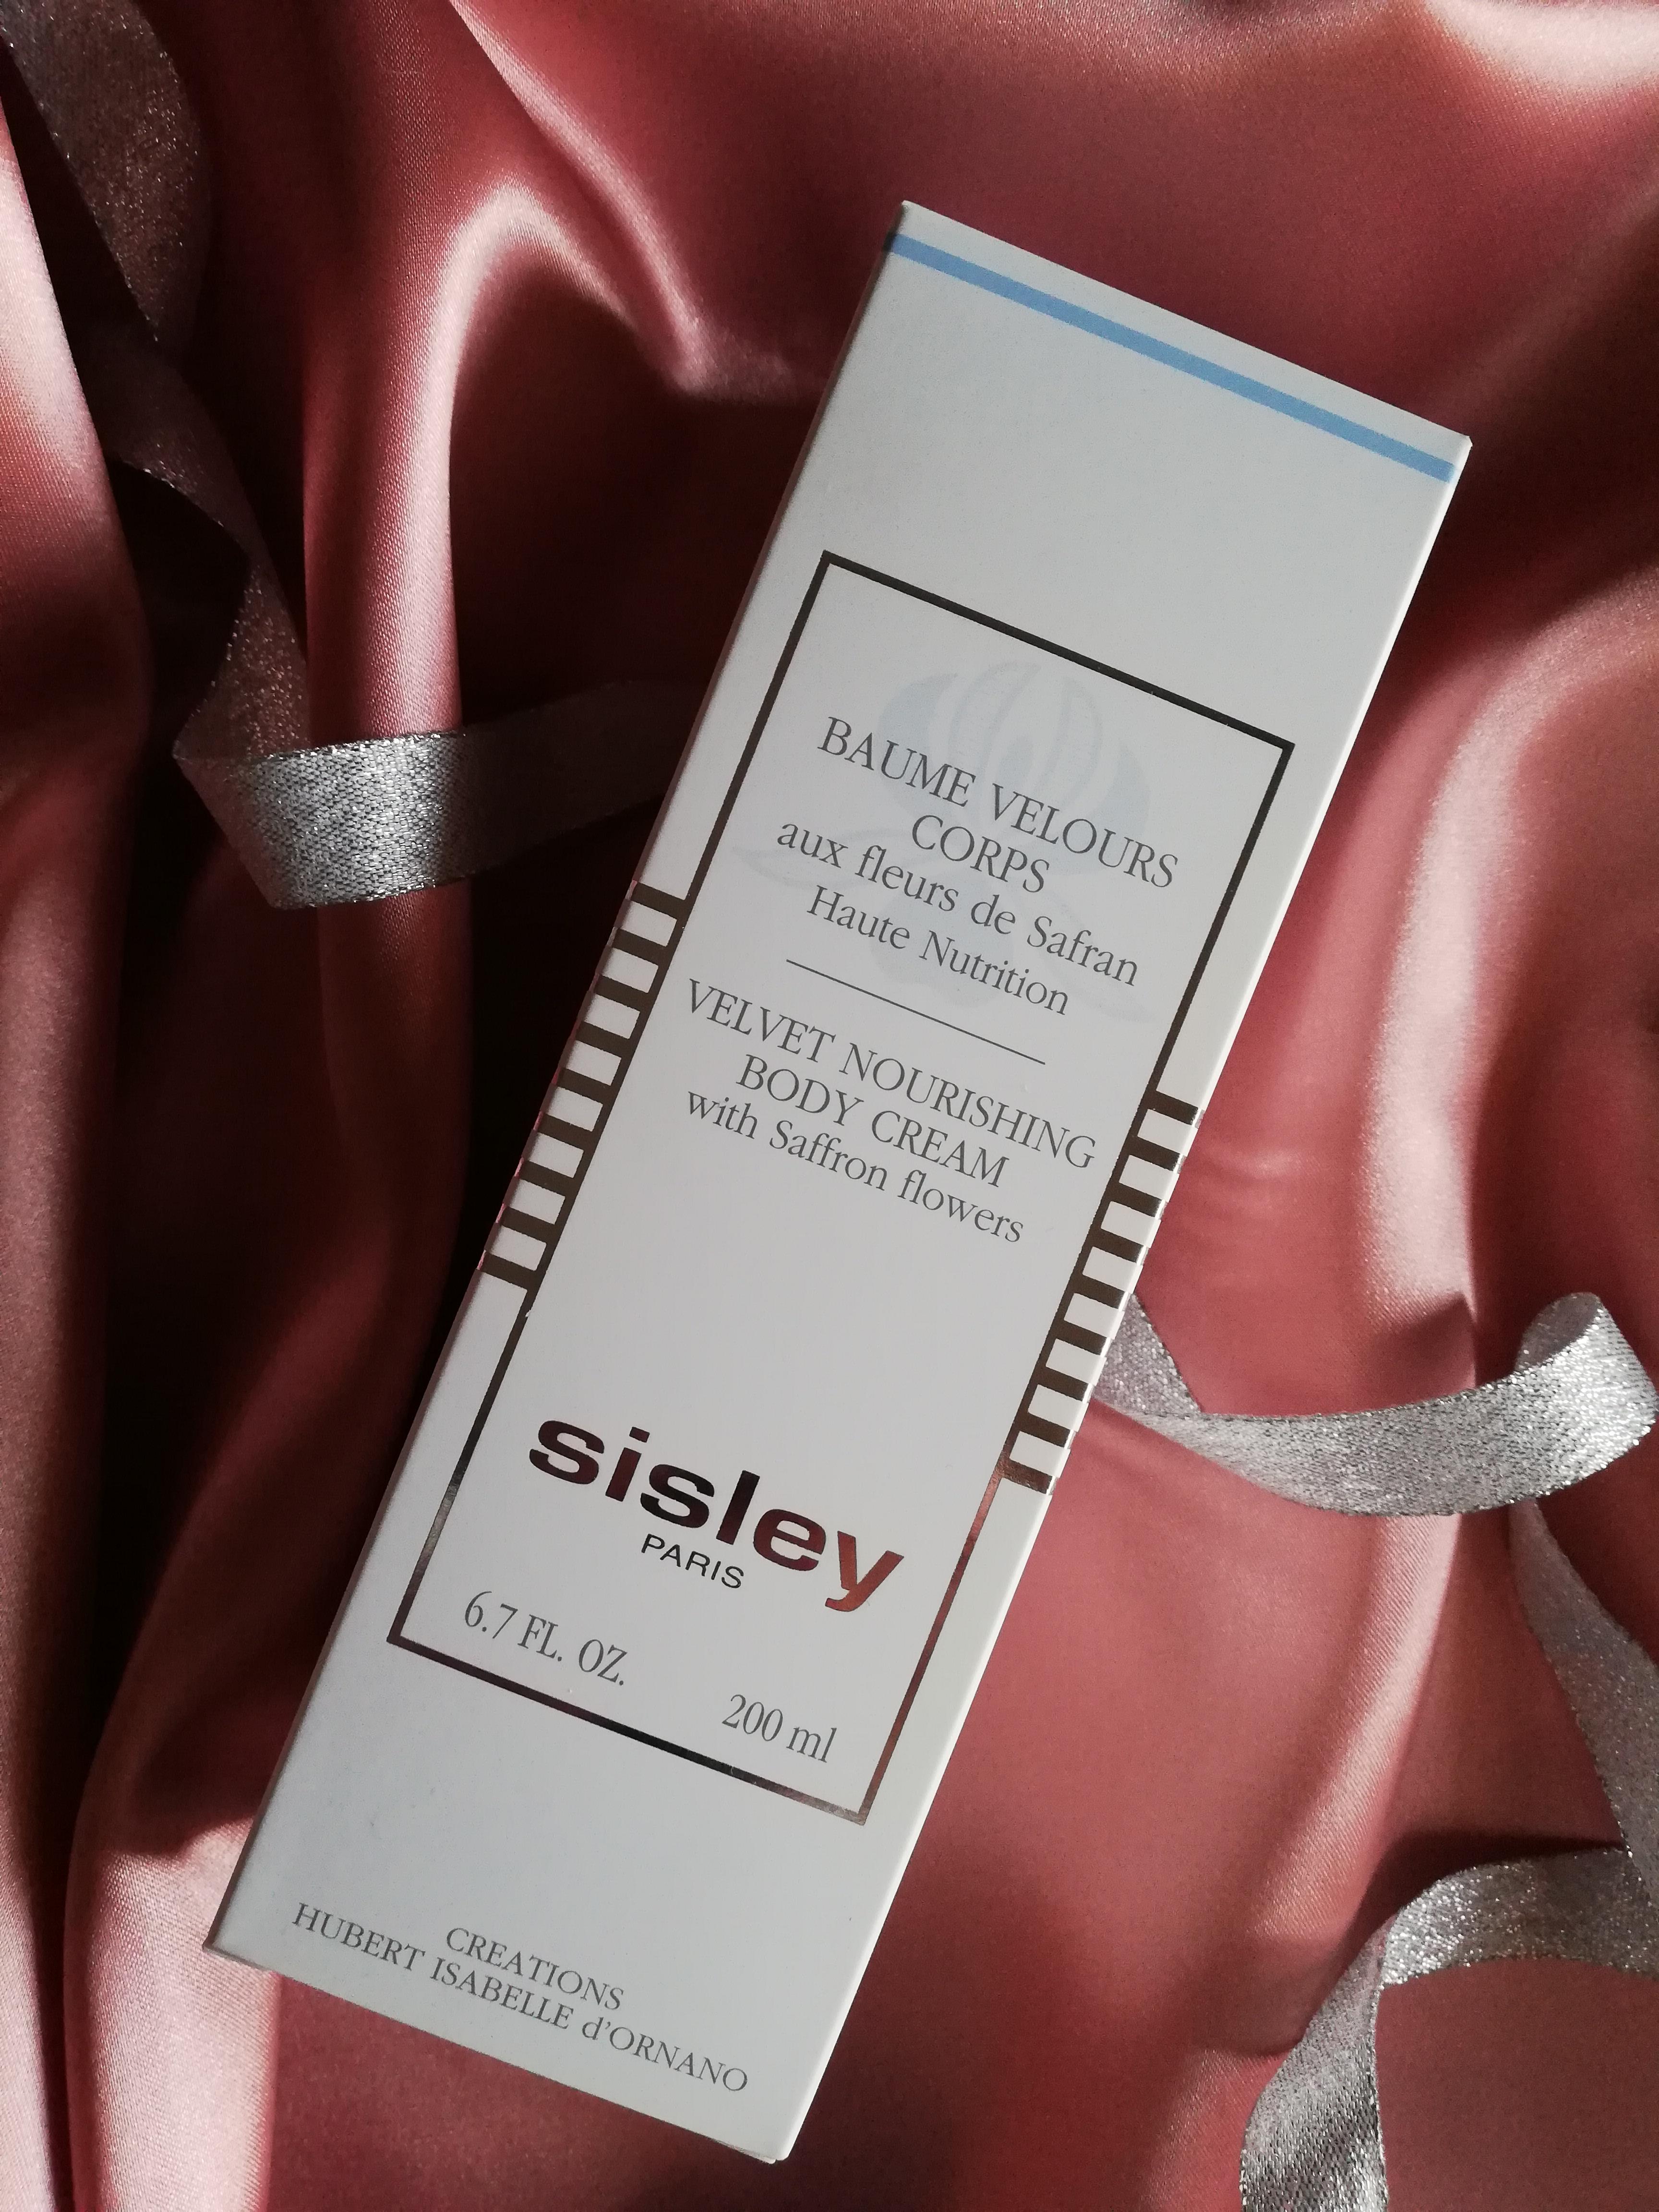 Balsamo corpo Sisley Paris ai fiori di zafferano per la pelle secca